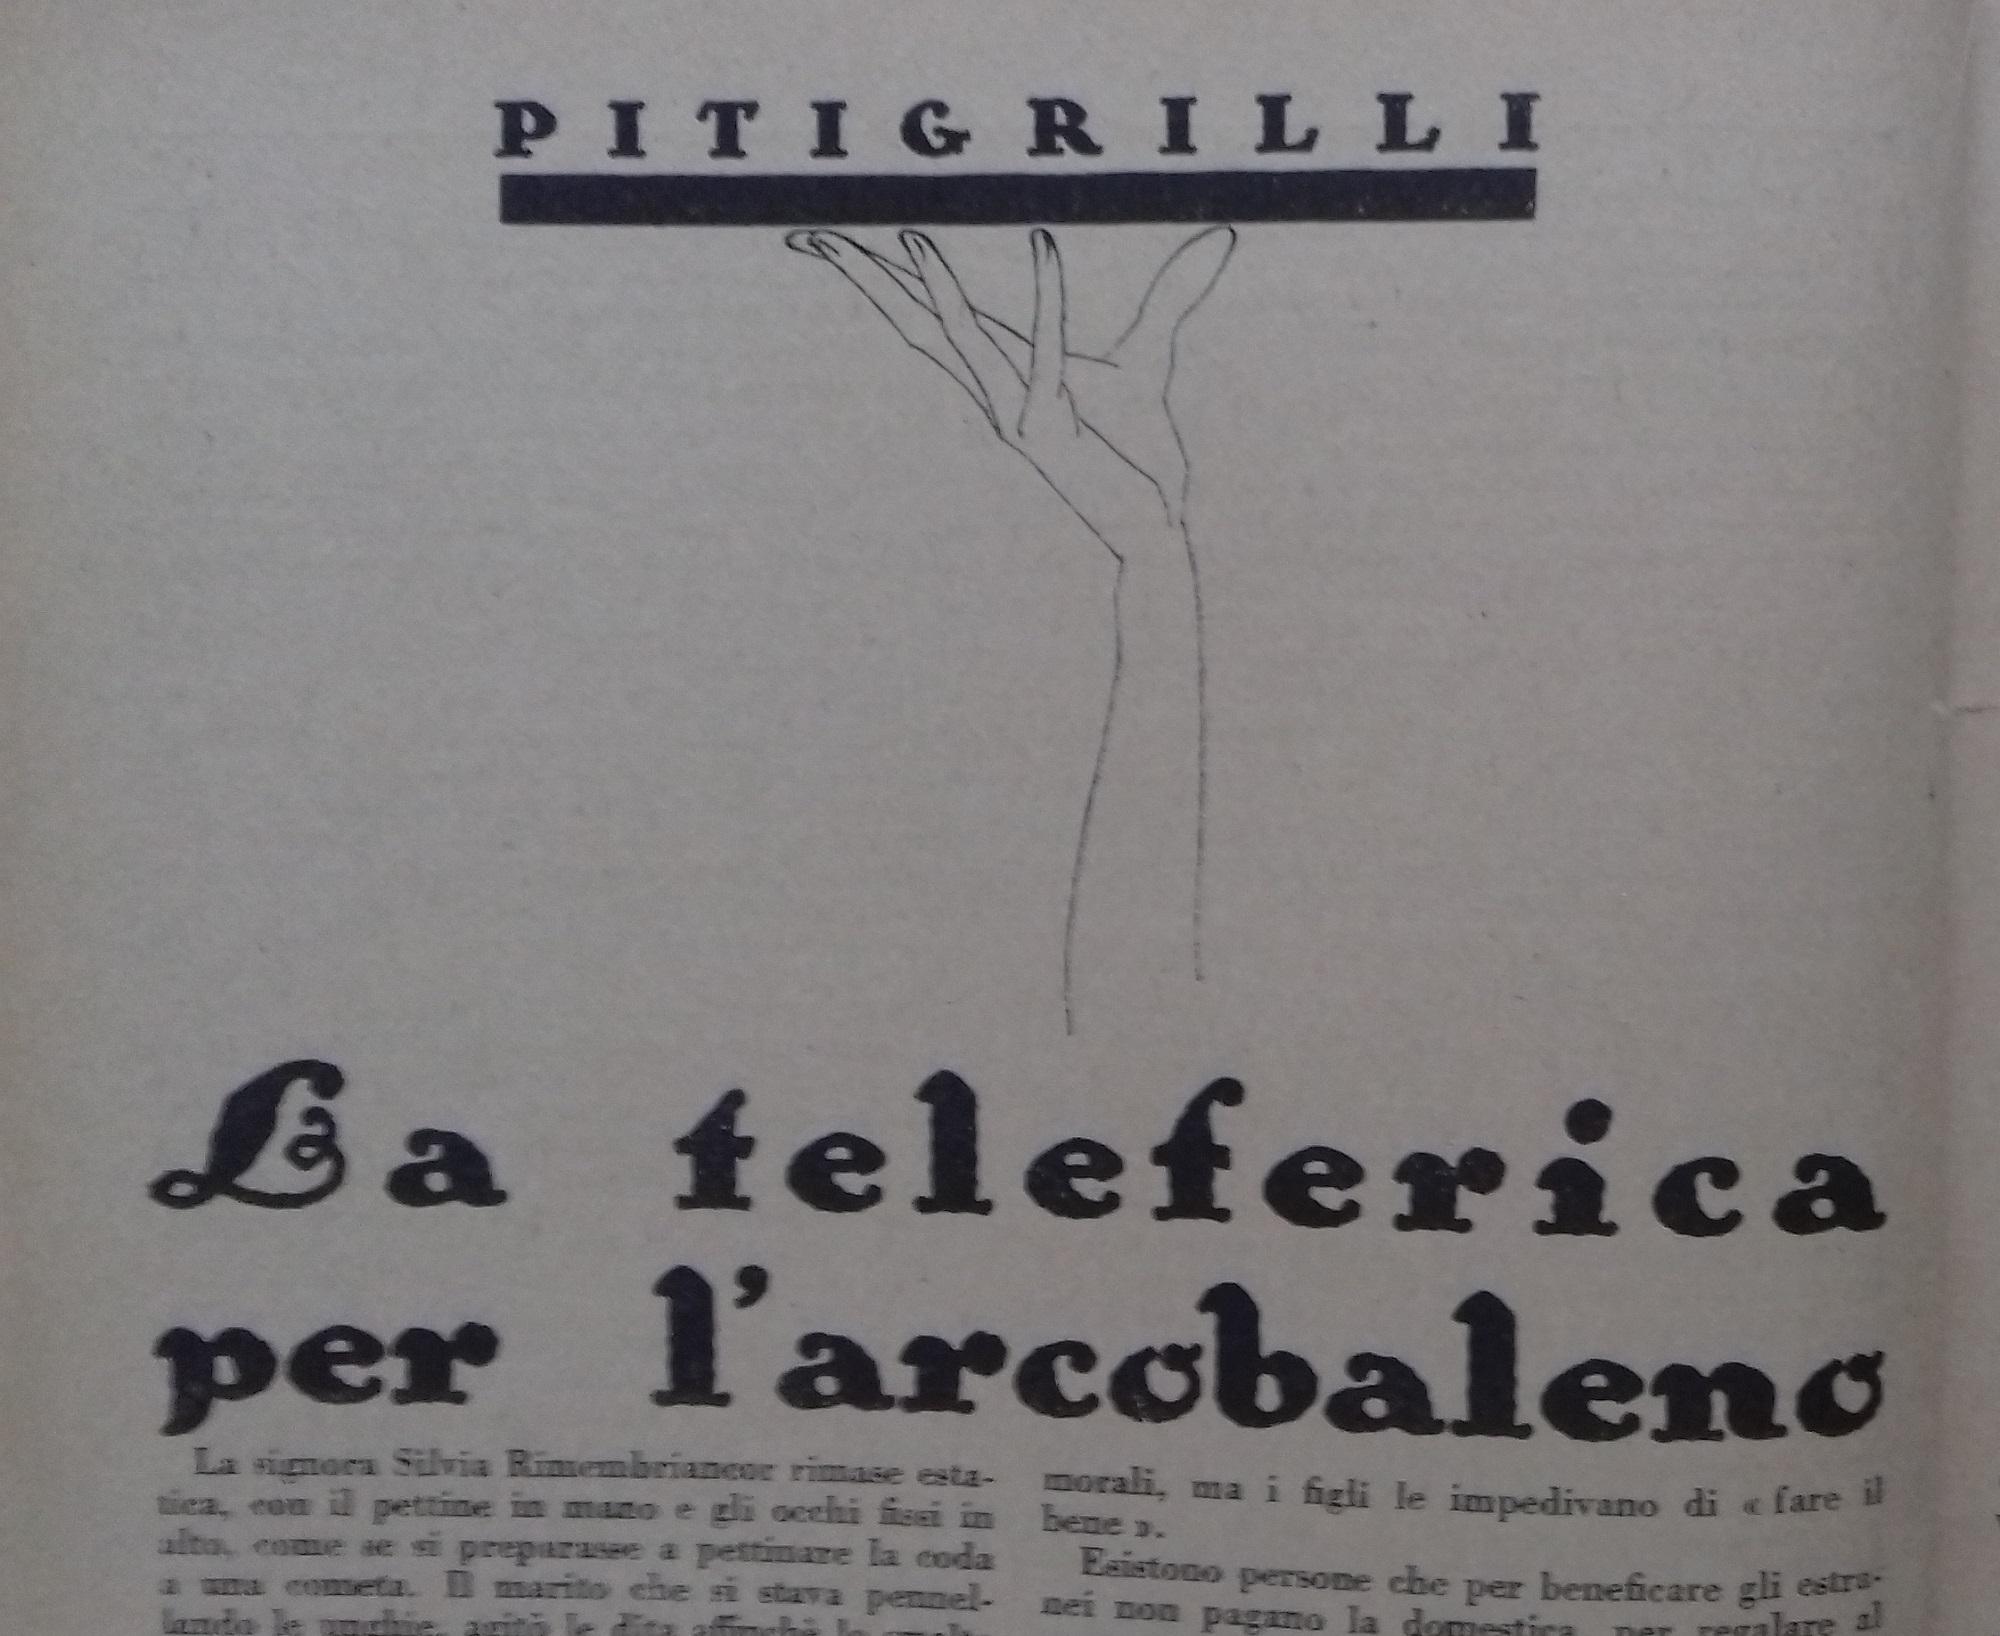 PITIGRILLI, LA TELEFERICA PER L'ARCOBALENO